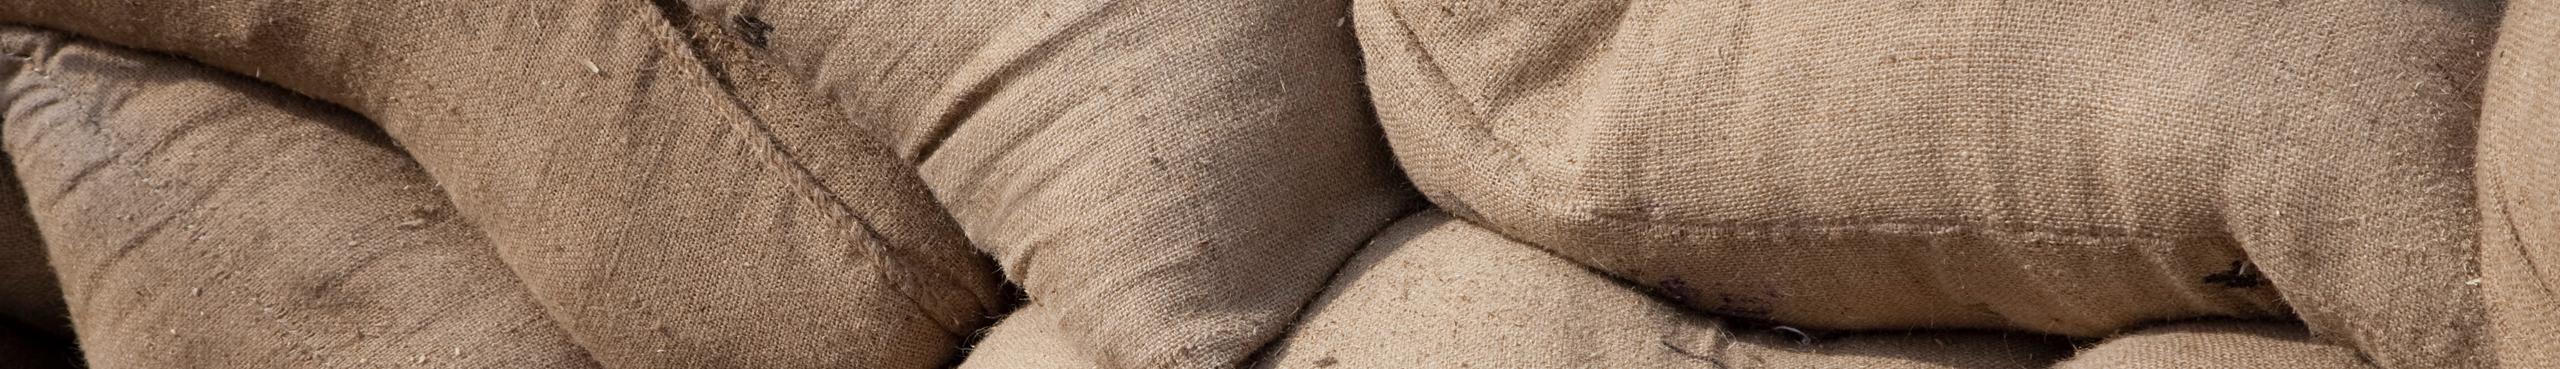 Plain Burlap Sandbags